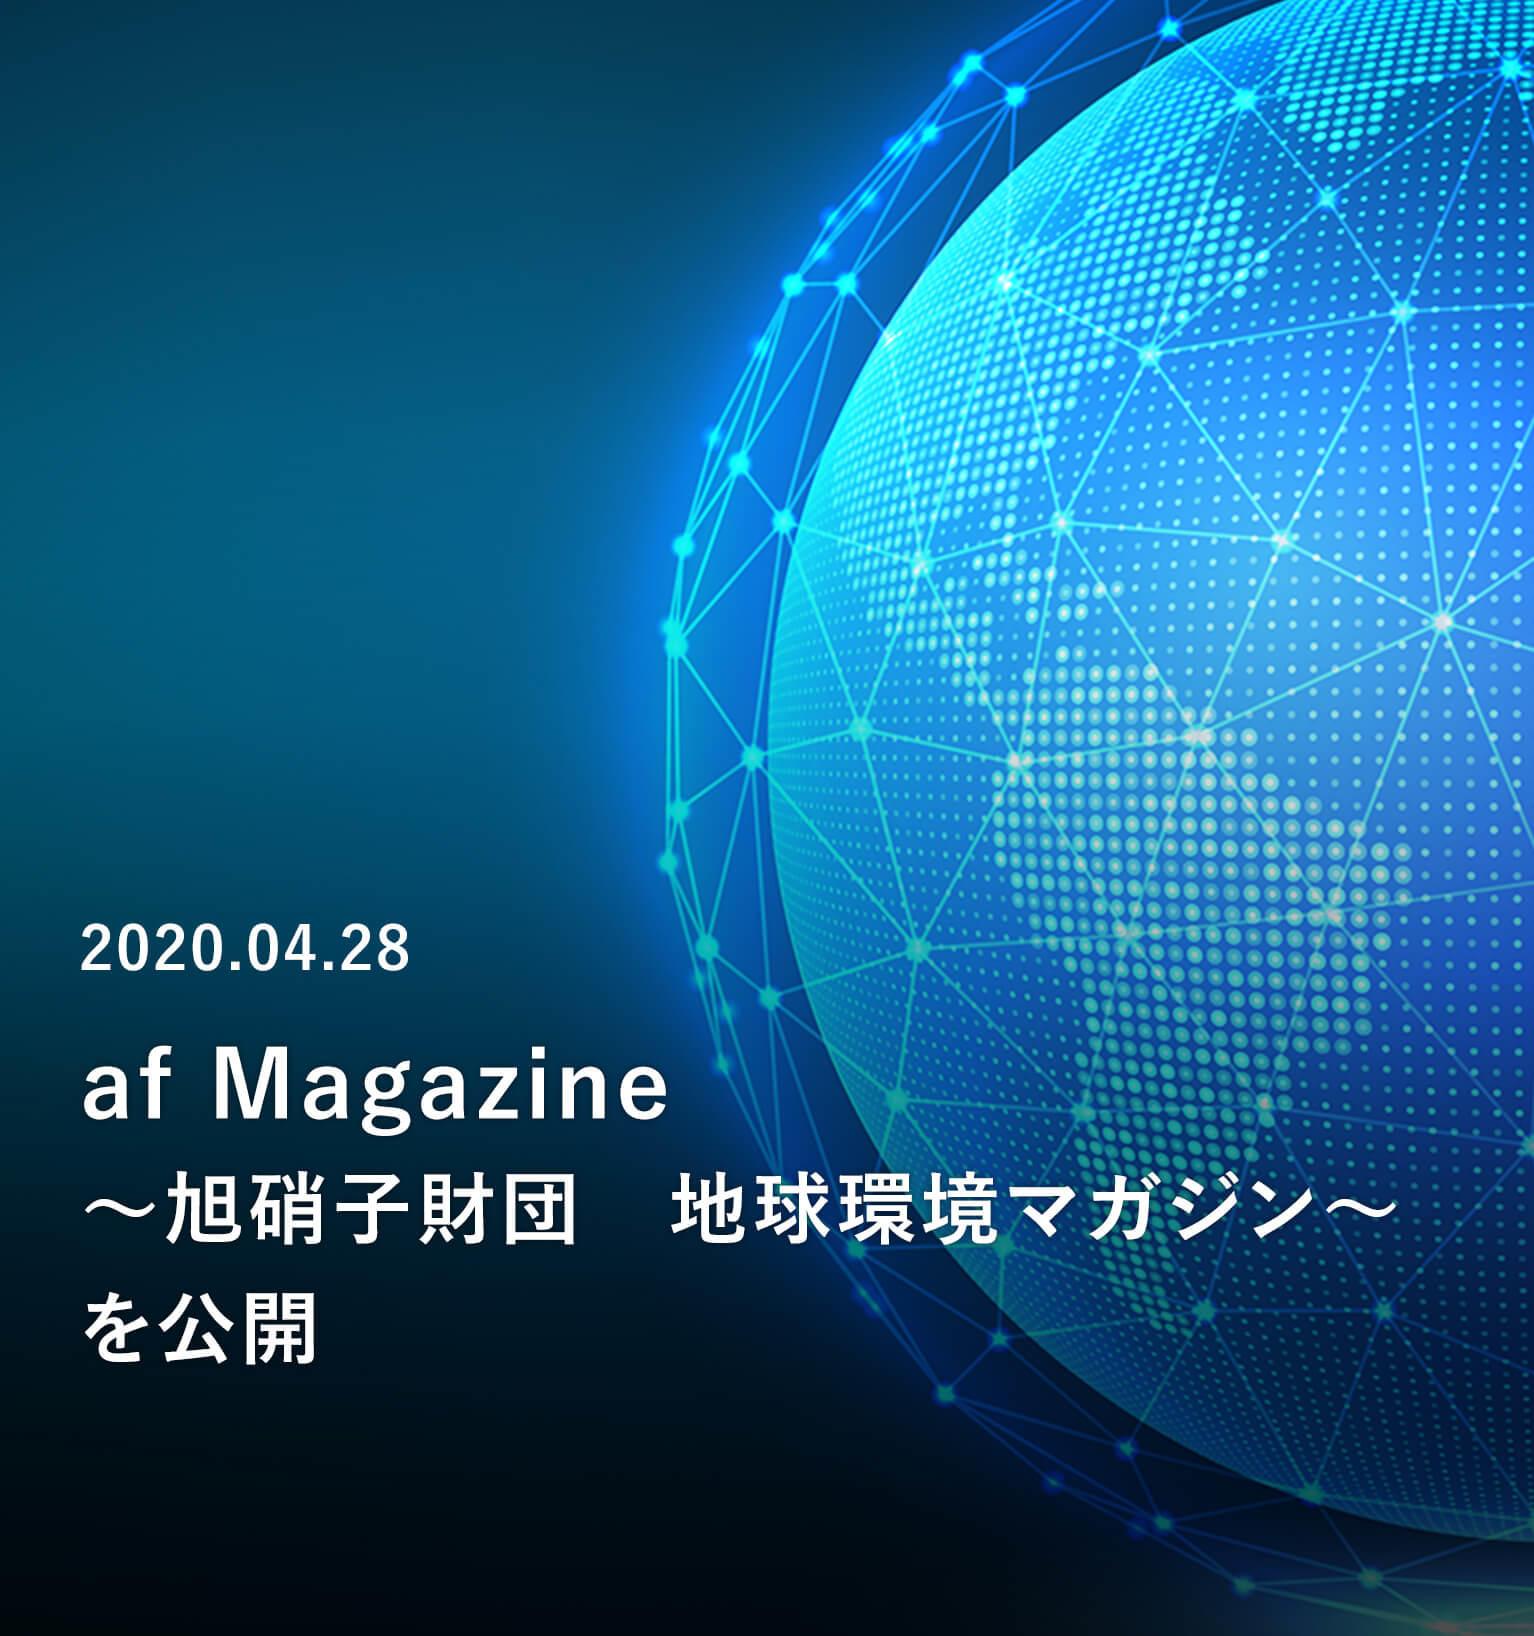 af Magazine 〜旭硝子財団 地球環境マガジン〜